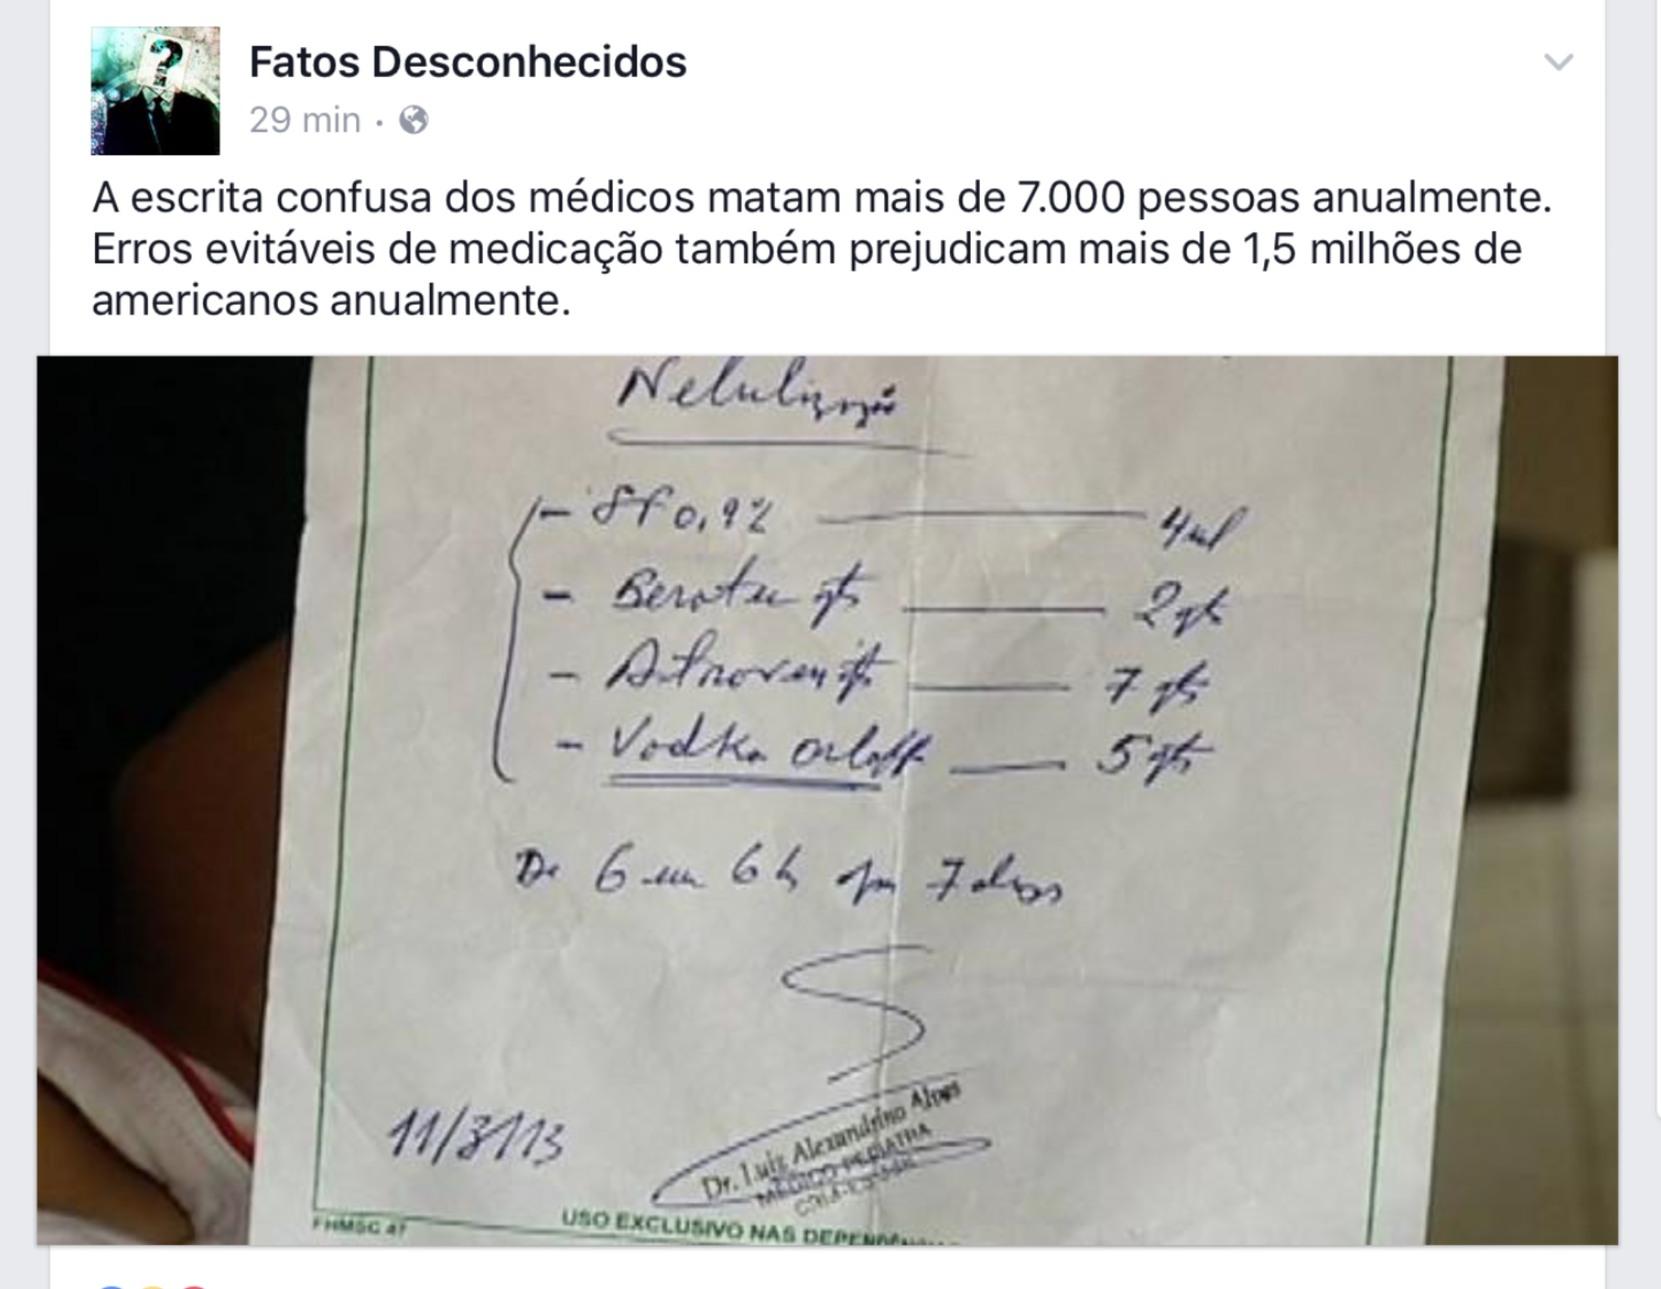 médicos e suas escritas..  1 like uma conta a mais do GaabrielP - meme